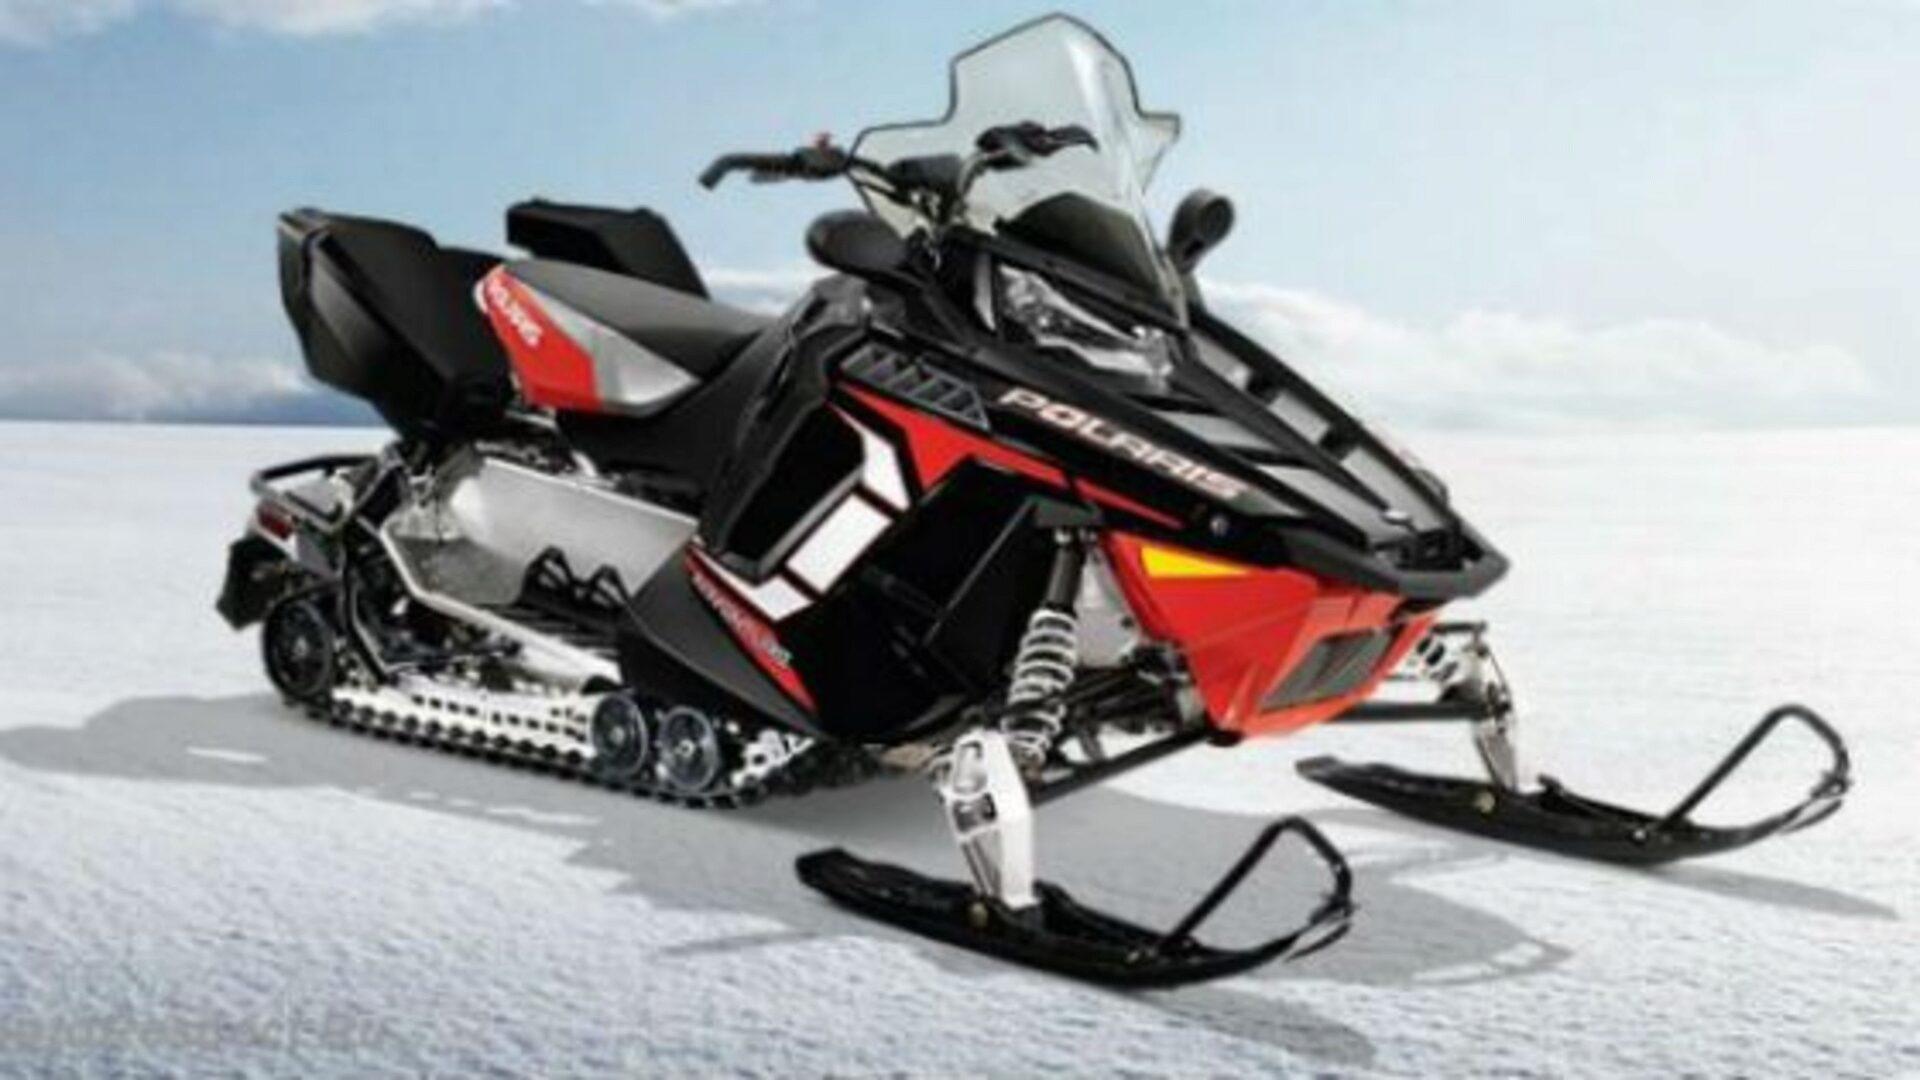 В регионах с затяжной зимой снегоход - удобный транспорт